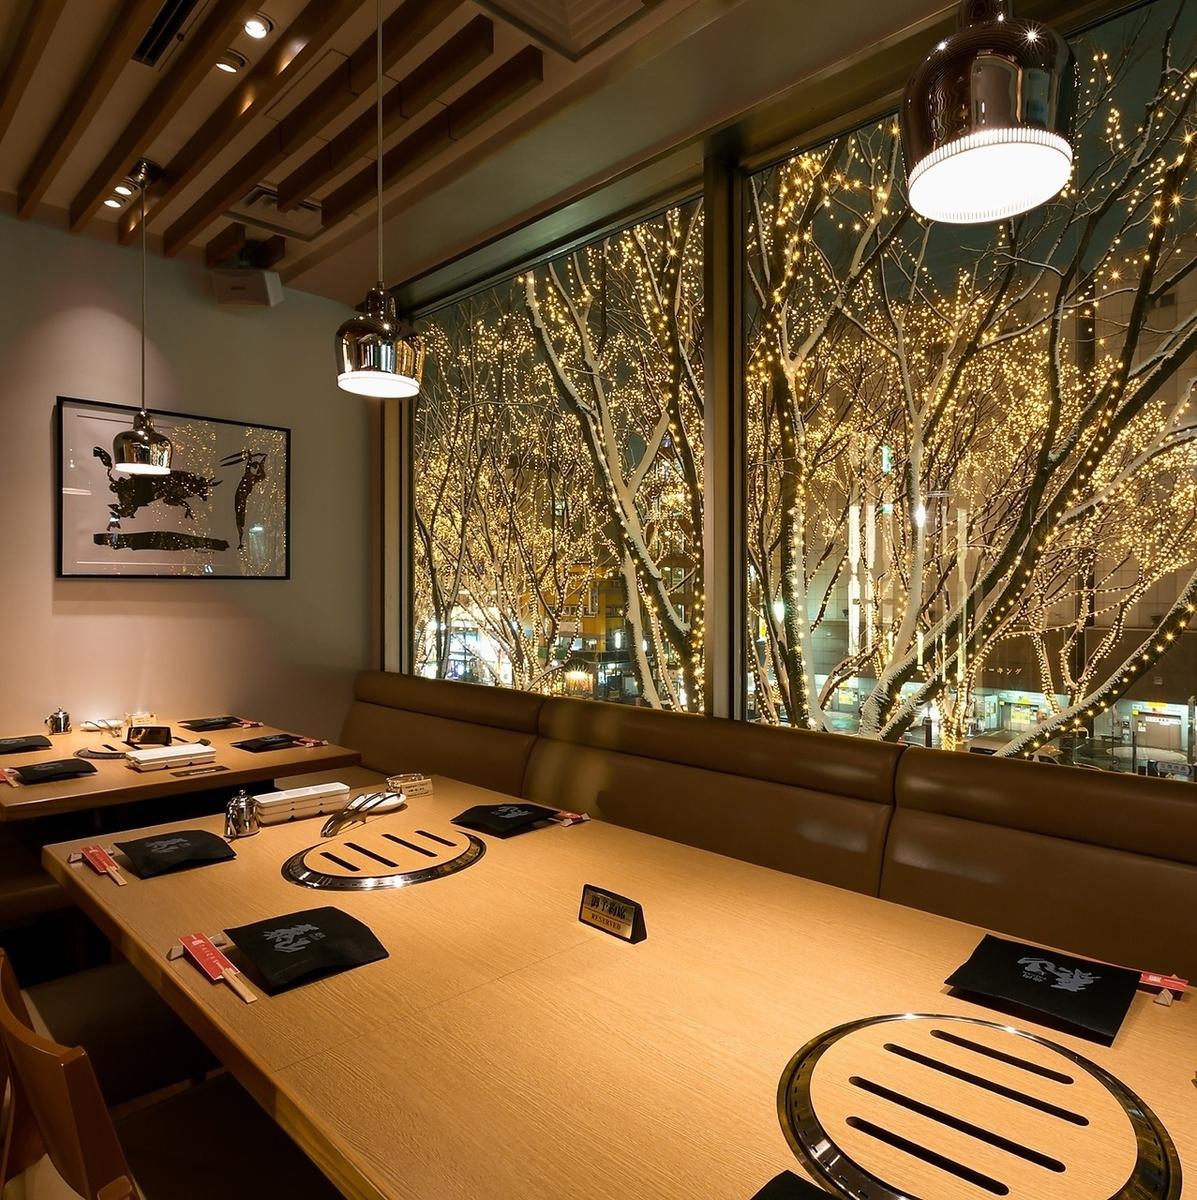 光のページェントを眺められる、定禅寺通り側のテーブル席。